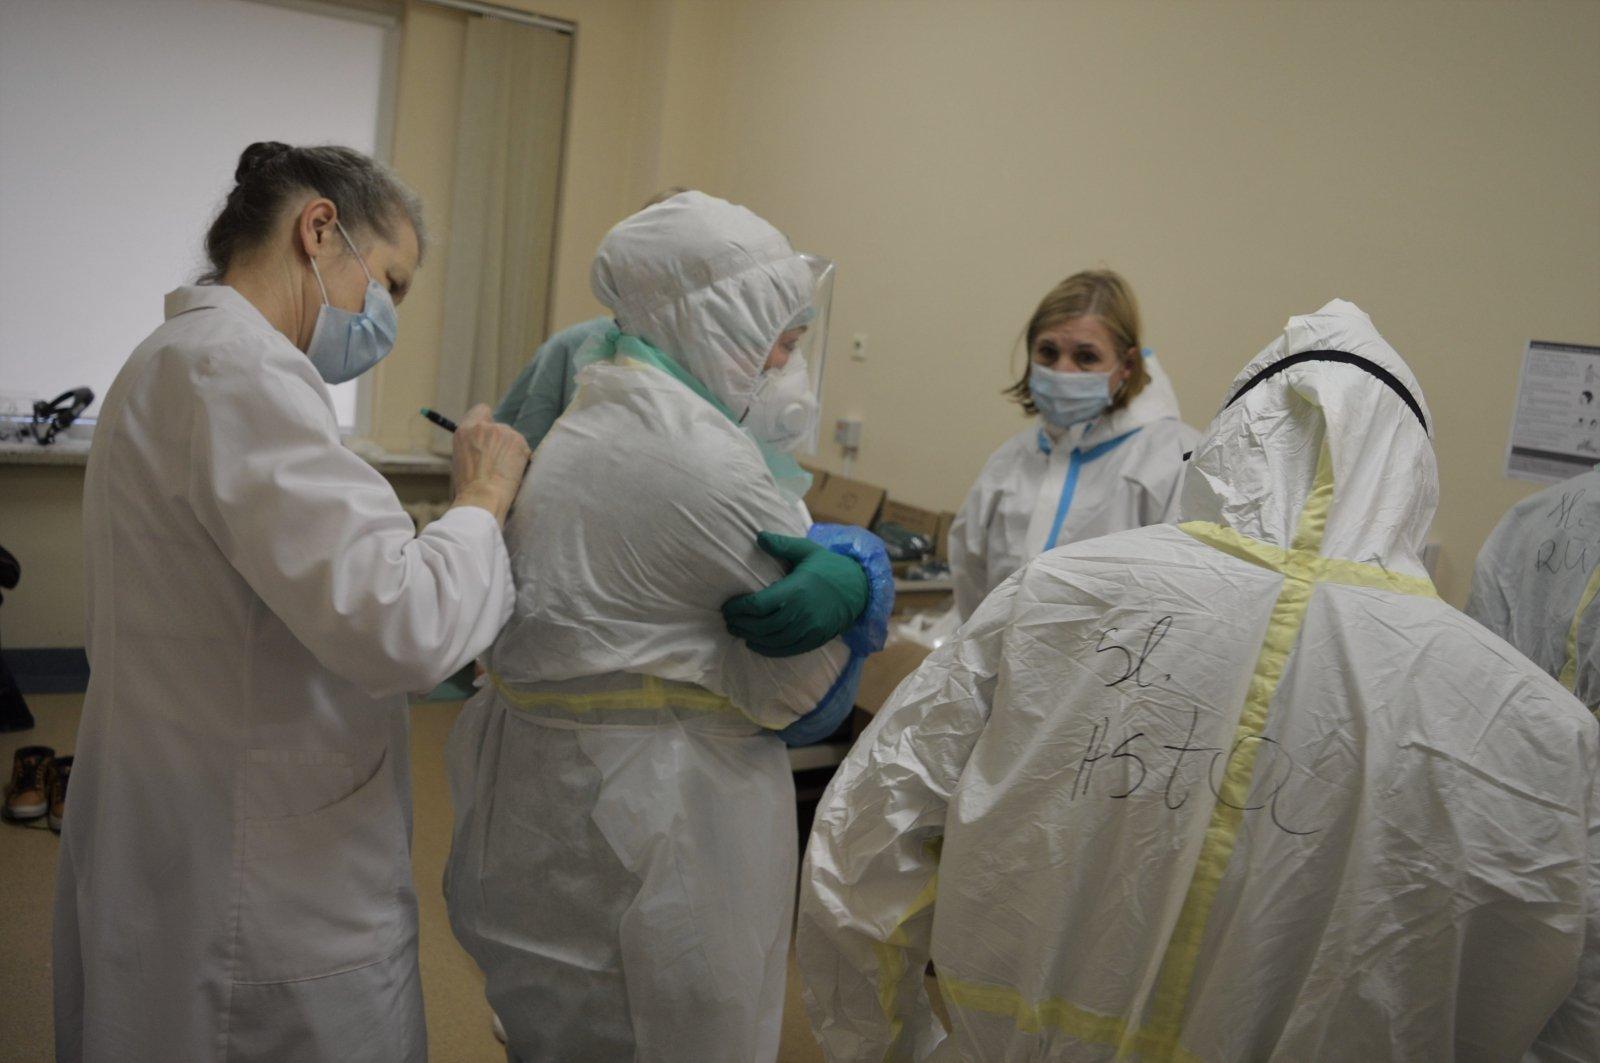 Трупы будут в приемных отделениях: врач высказался о росте случаев COVID-19